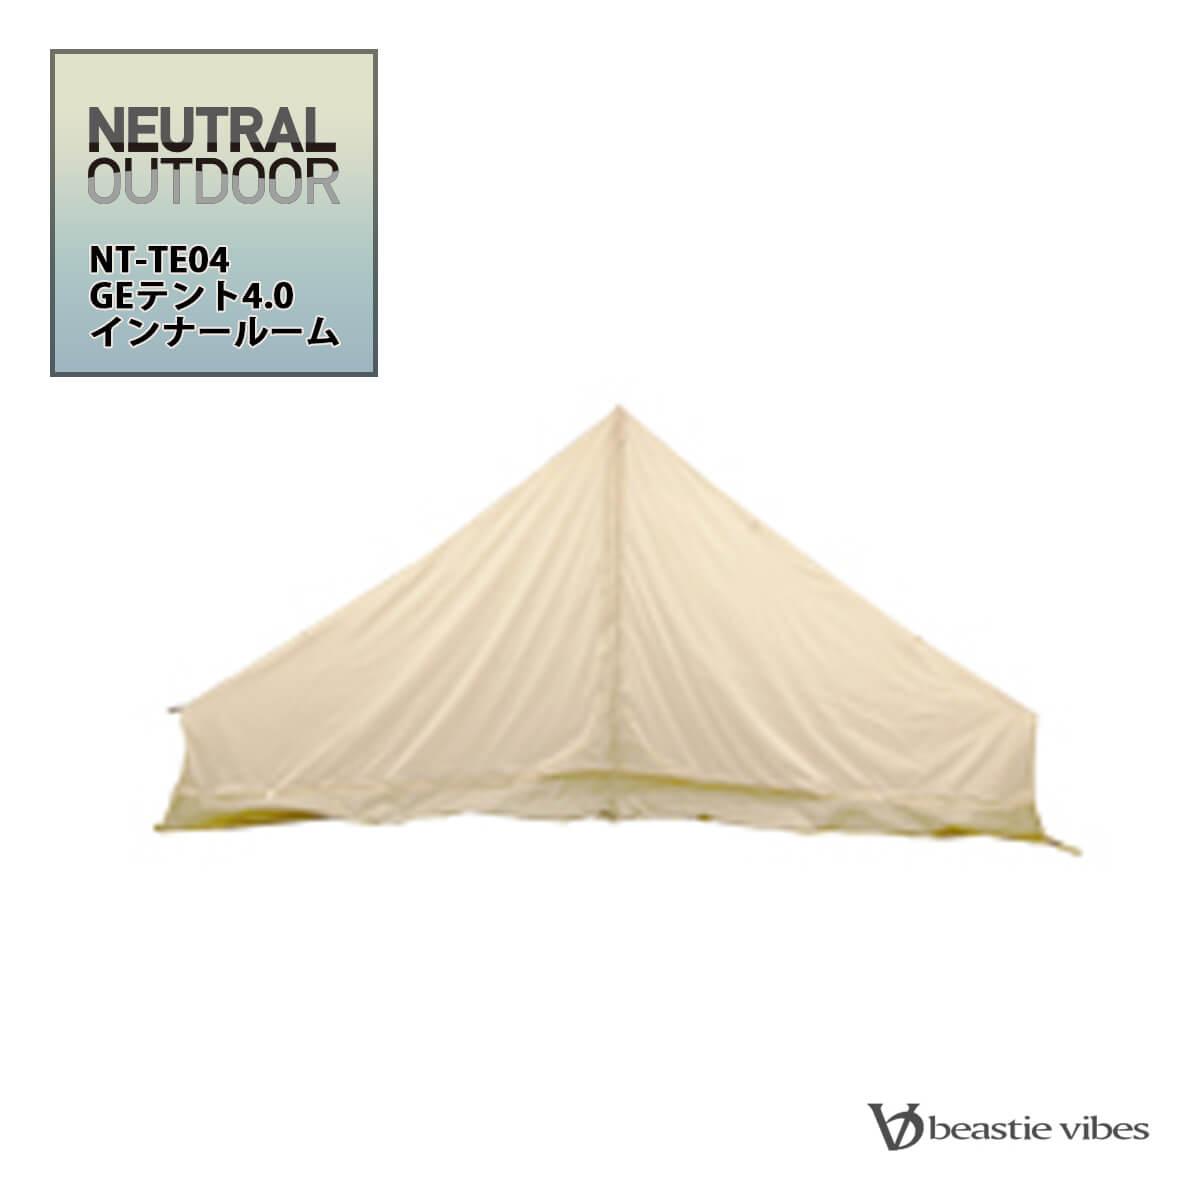 GEテント4.0専用インナールーム テントシート Neutral Outdoor ニュートラルアウトドア NT-TE04 GEテント4.0 インナールーム